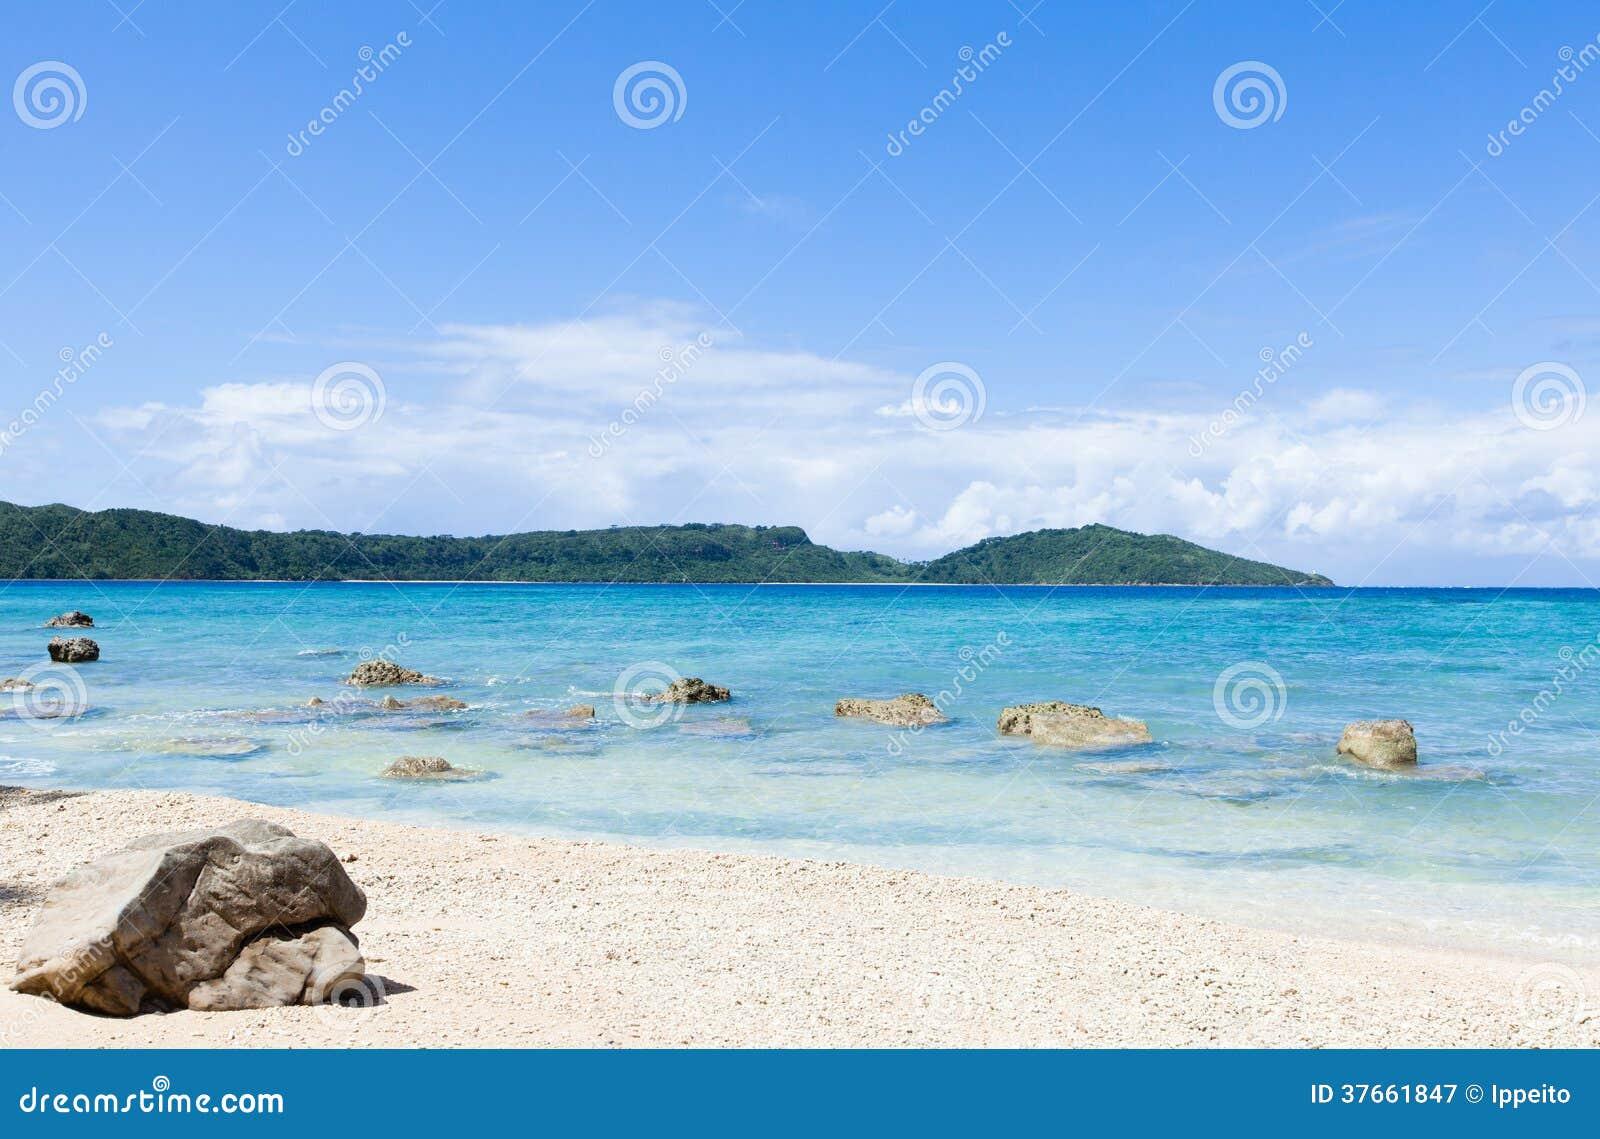 Paraíso tropical abandonado de la playa, Okinawa, Japón